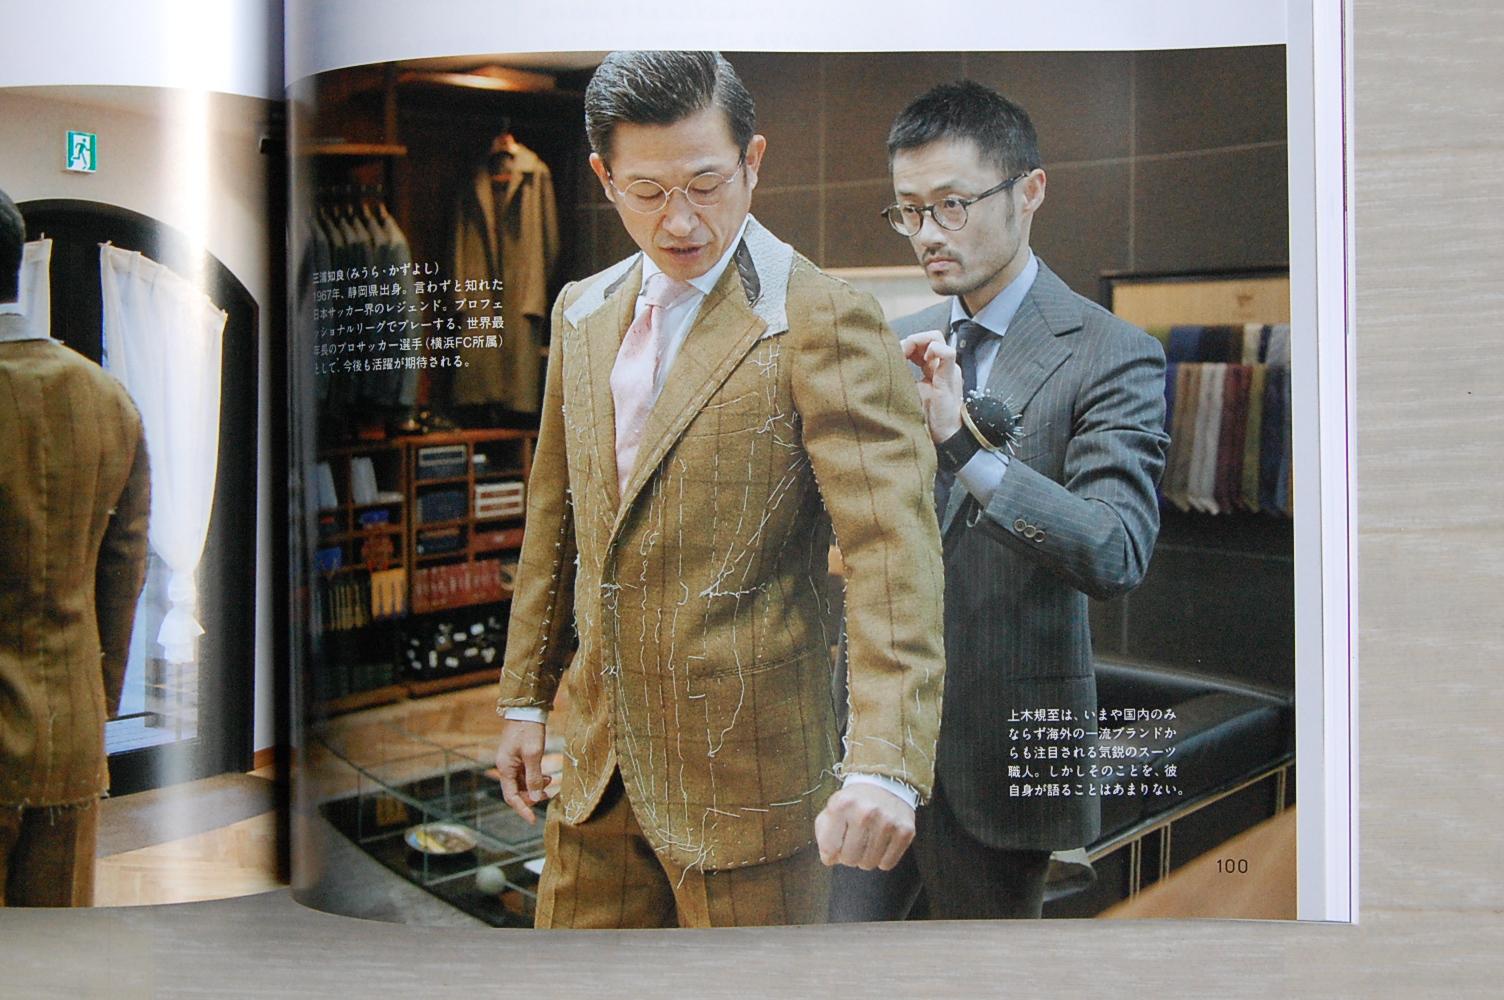 三浦知良、スーツについて熱く語る